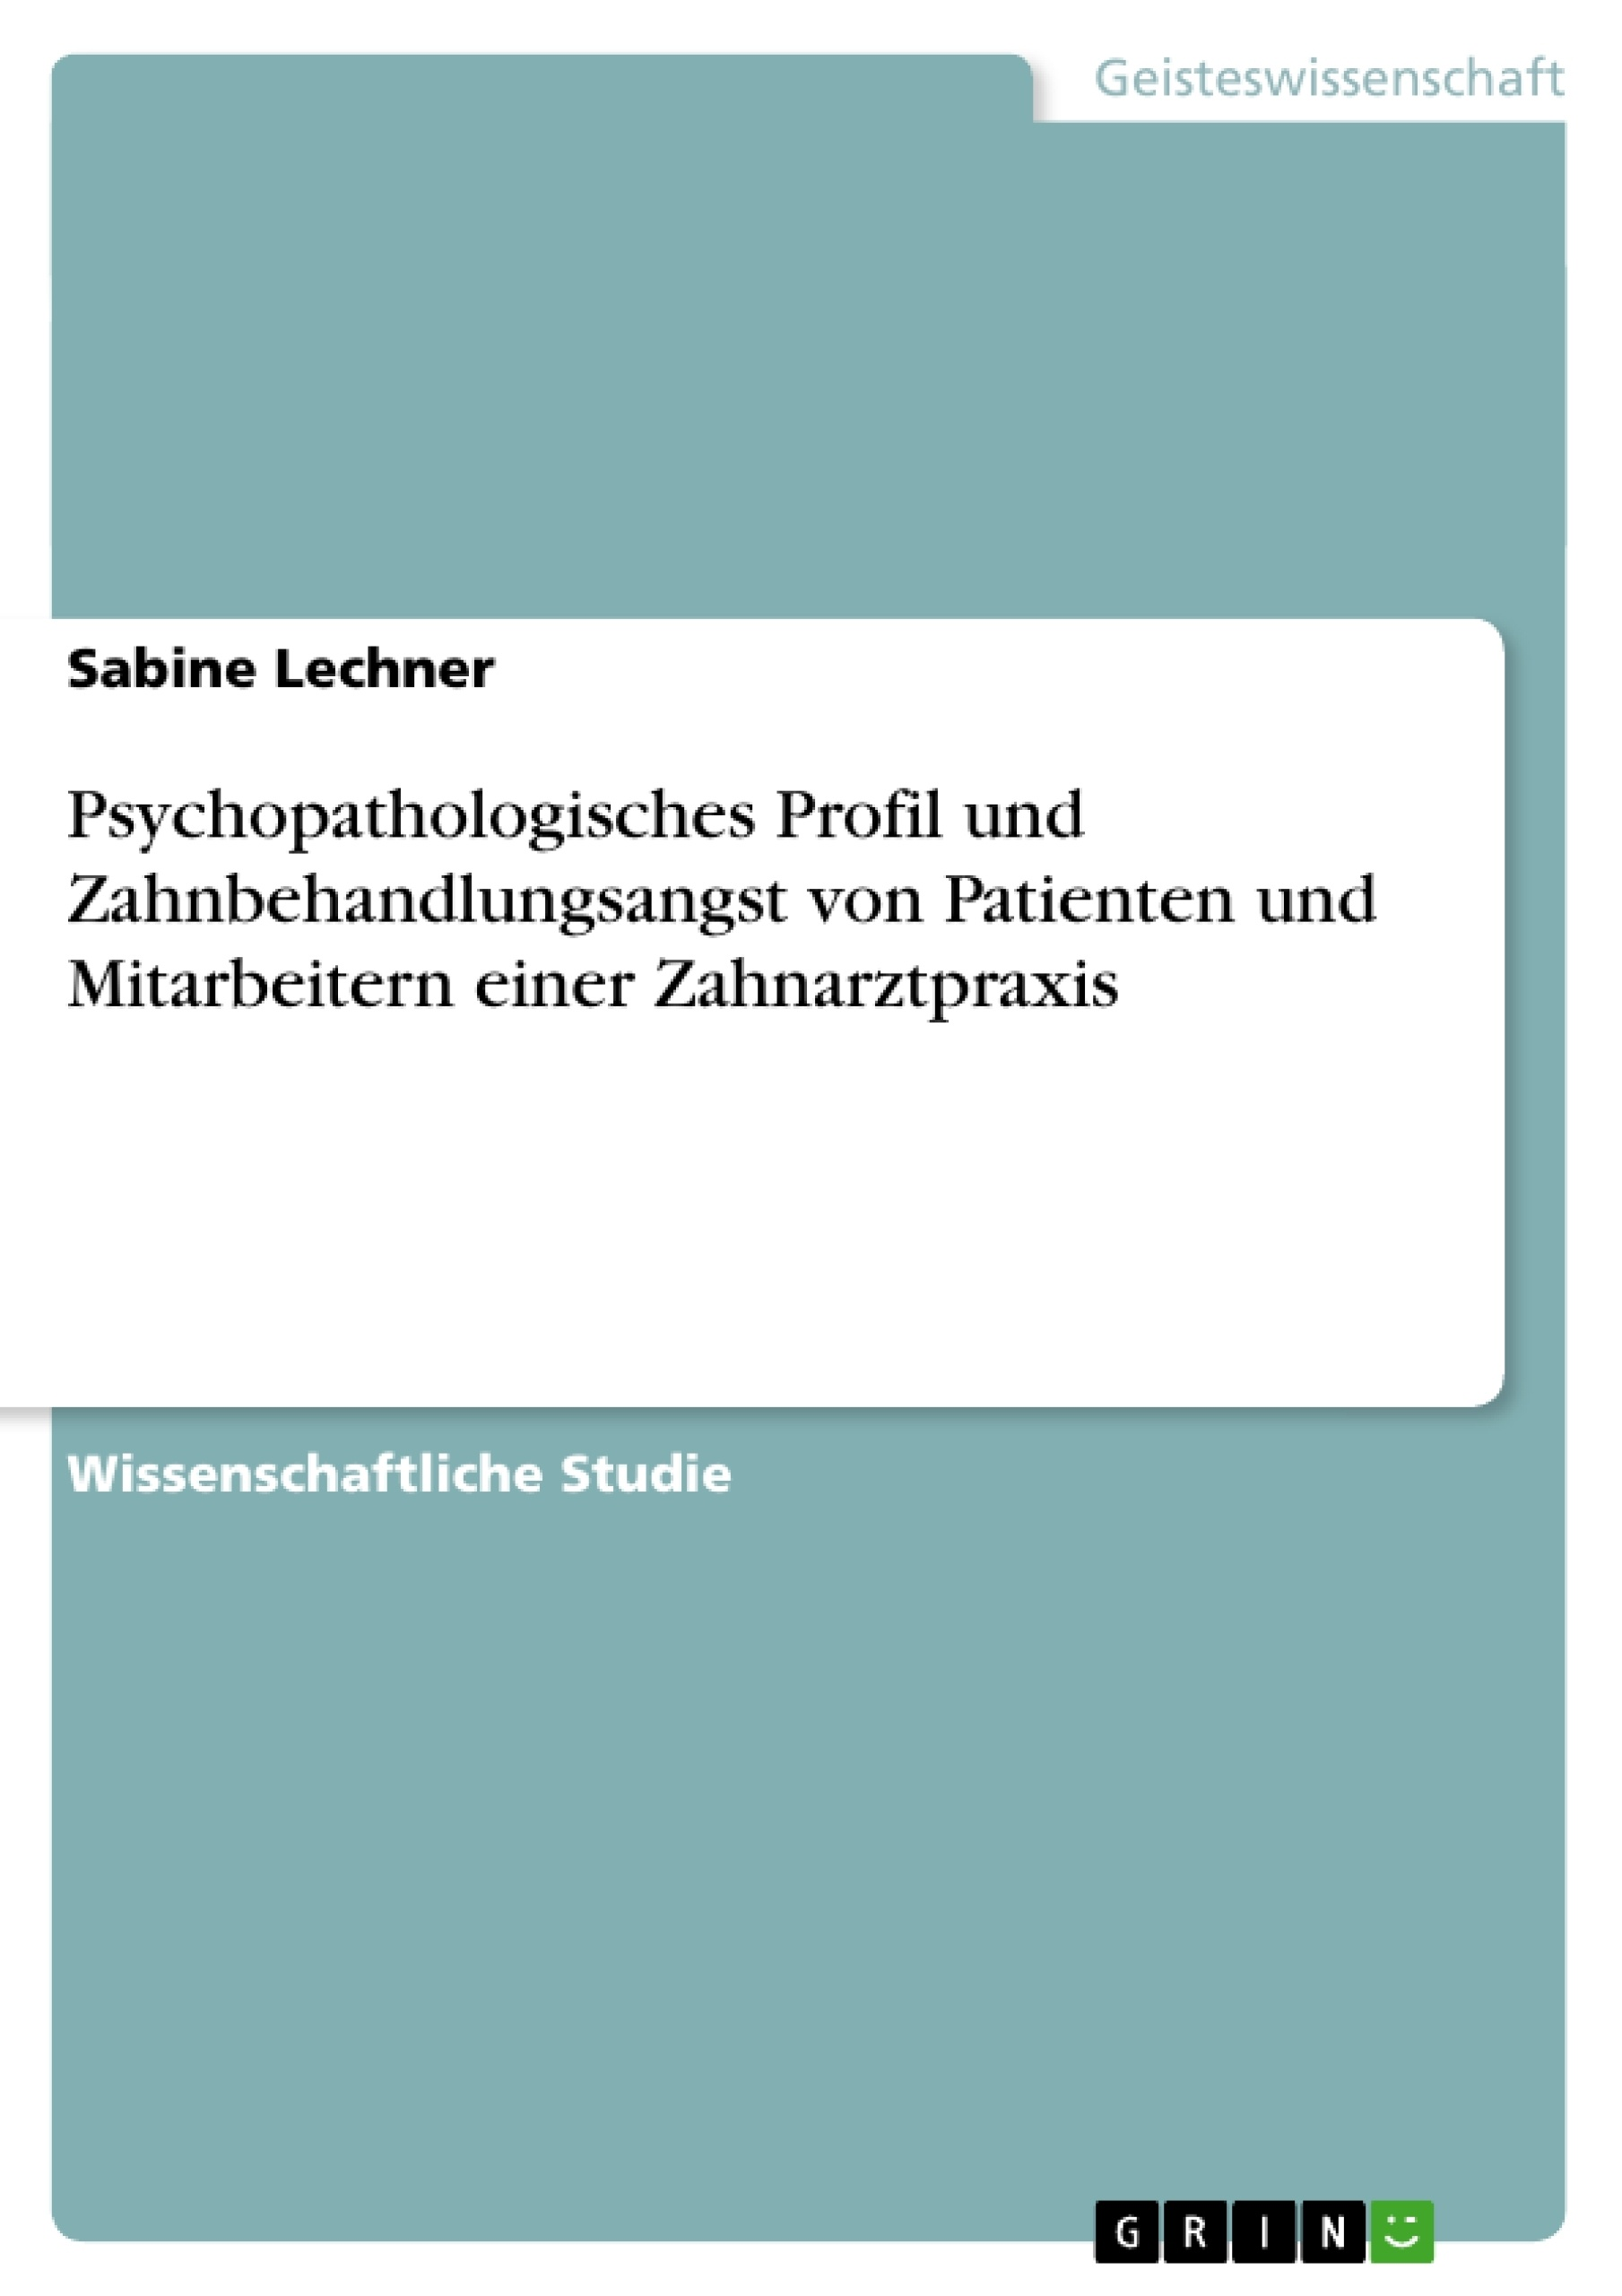 Titel: Psychopathologisches Profil und Zahnbehandlungsangst von Patienten und Mitarbeitern einer Zahnarztpraxis